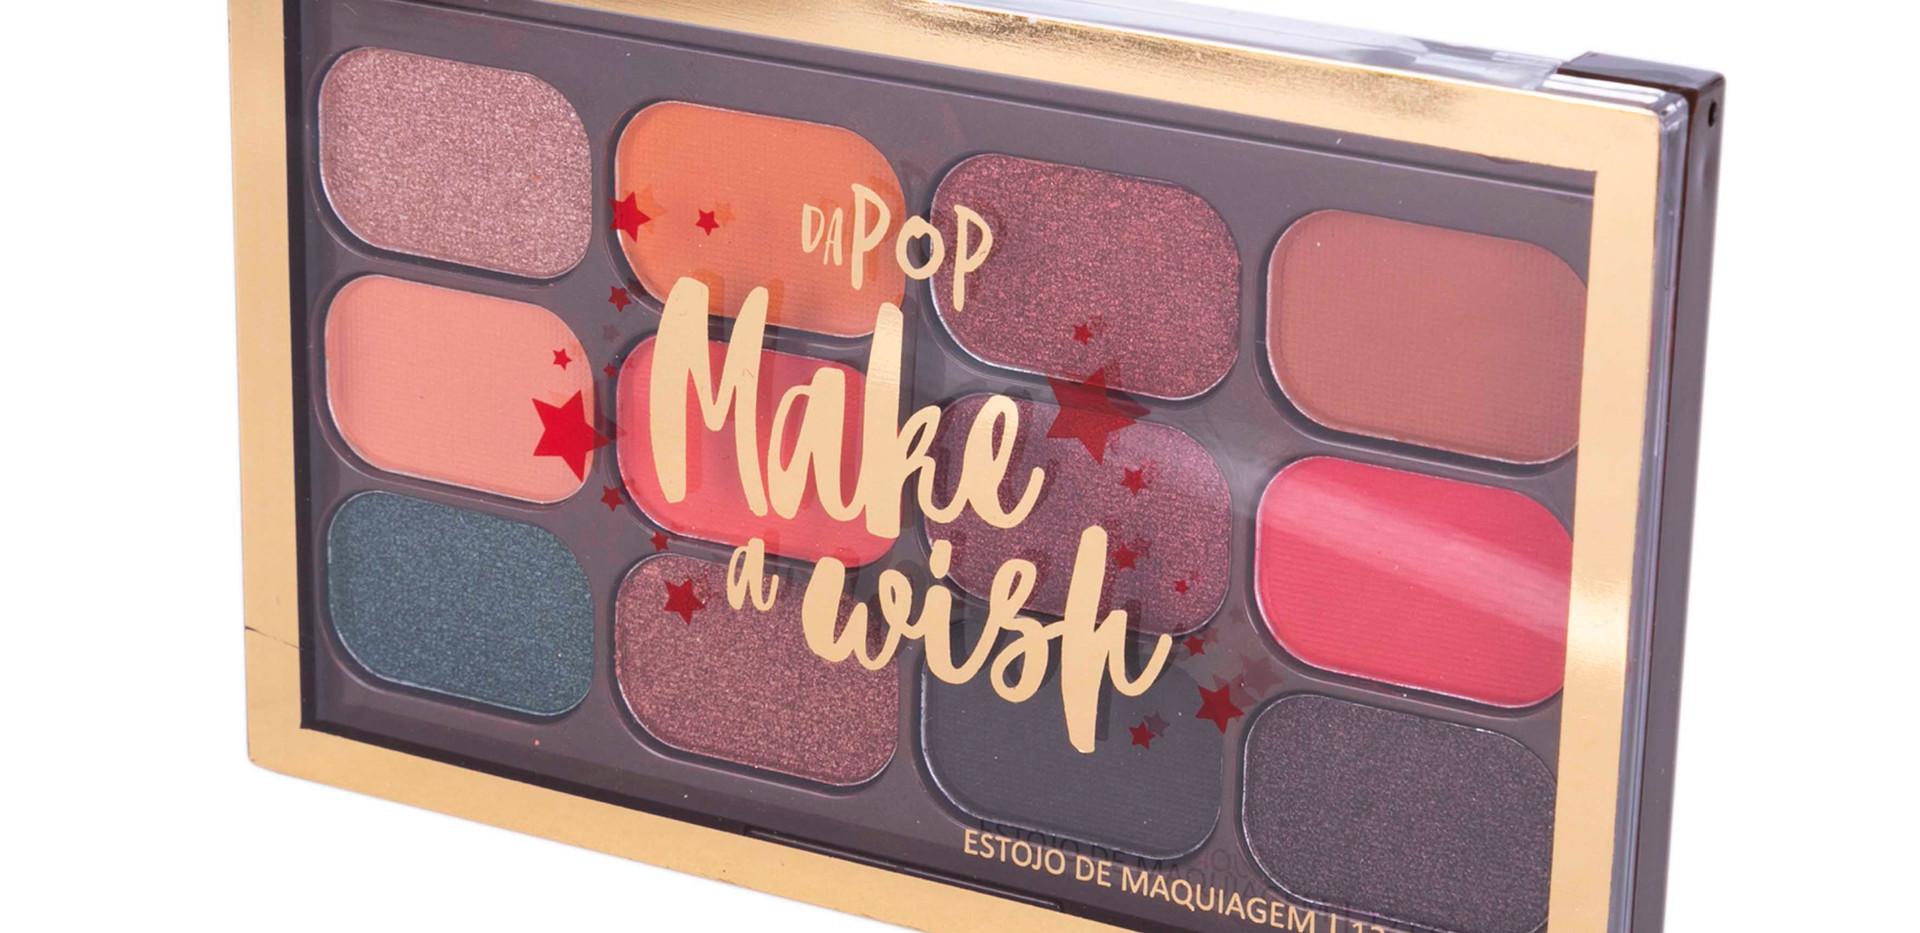 Paleta de Sombras Make a Wish Dapop - HB96622